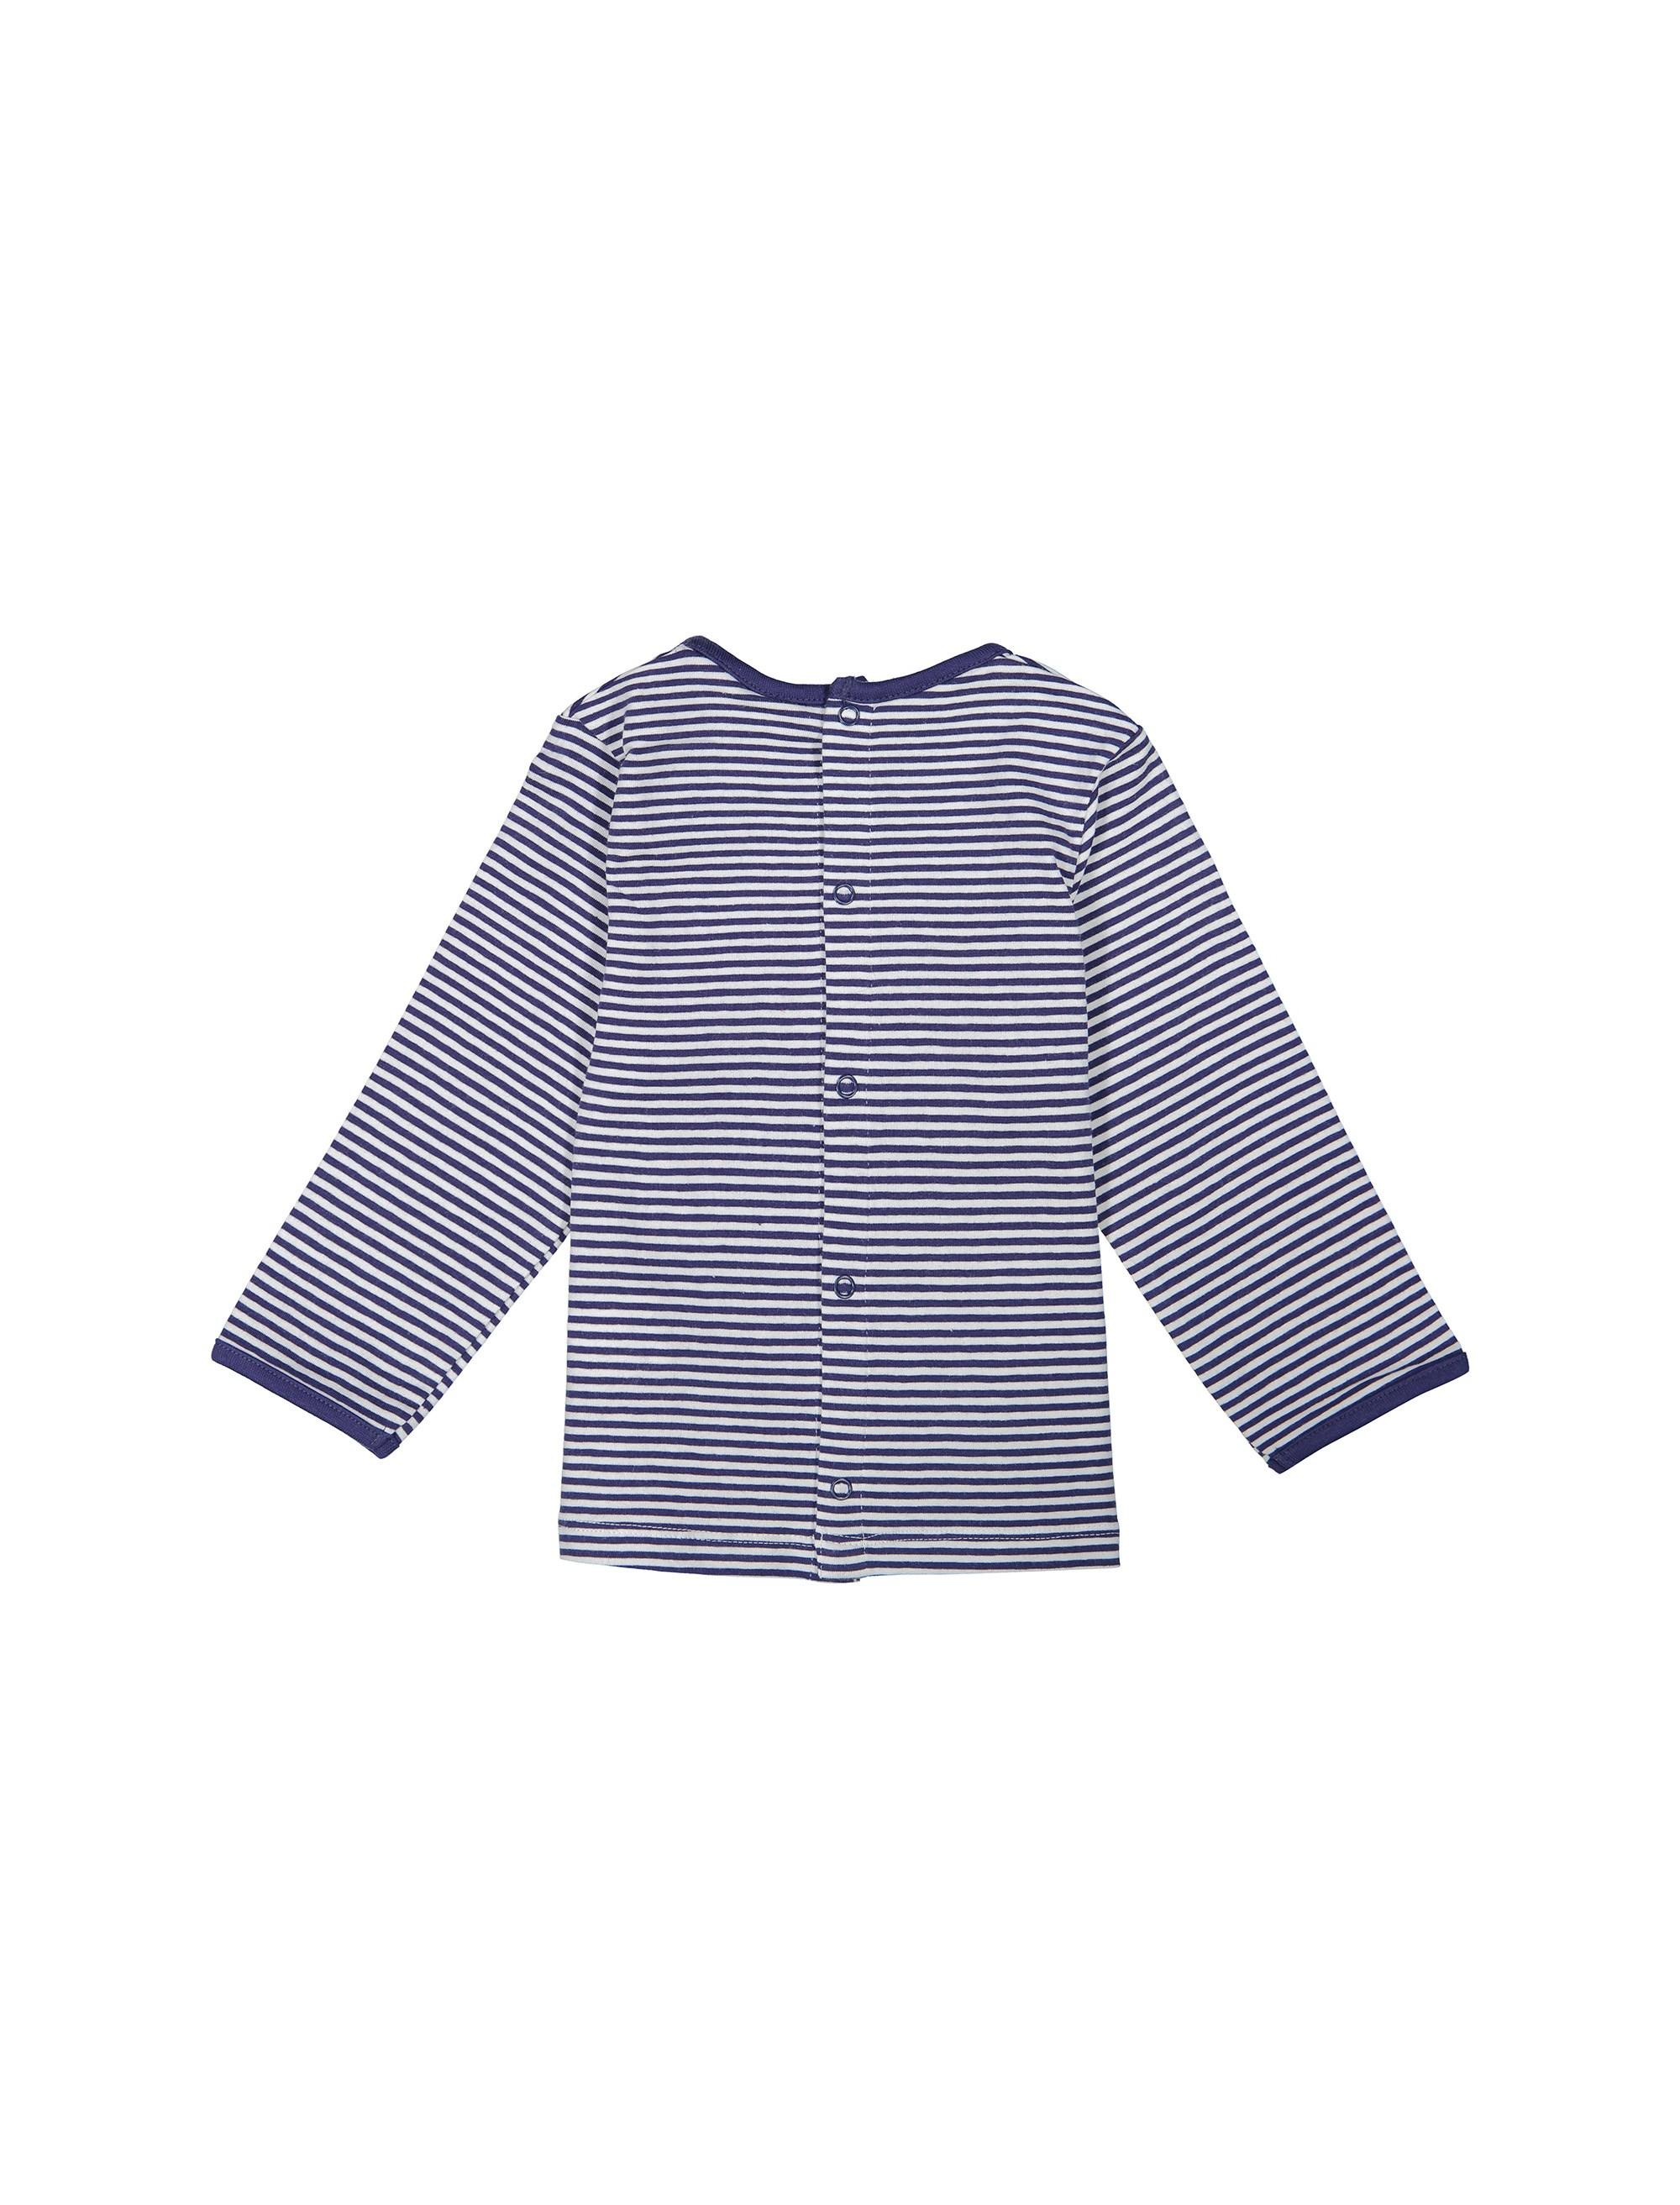 تی شرت نخی نوزادی پسرانه - ارکسترا - آبي  - 2